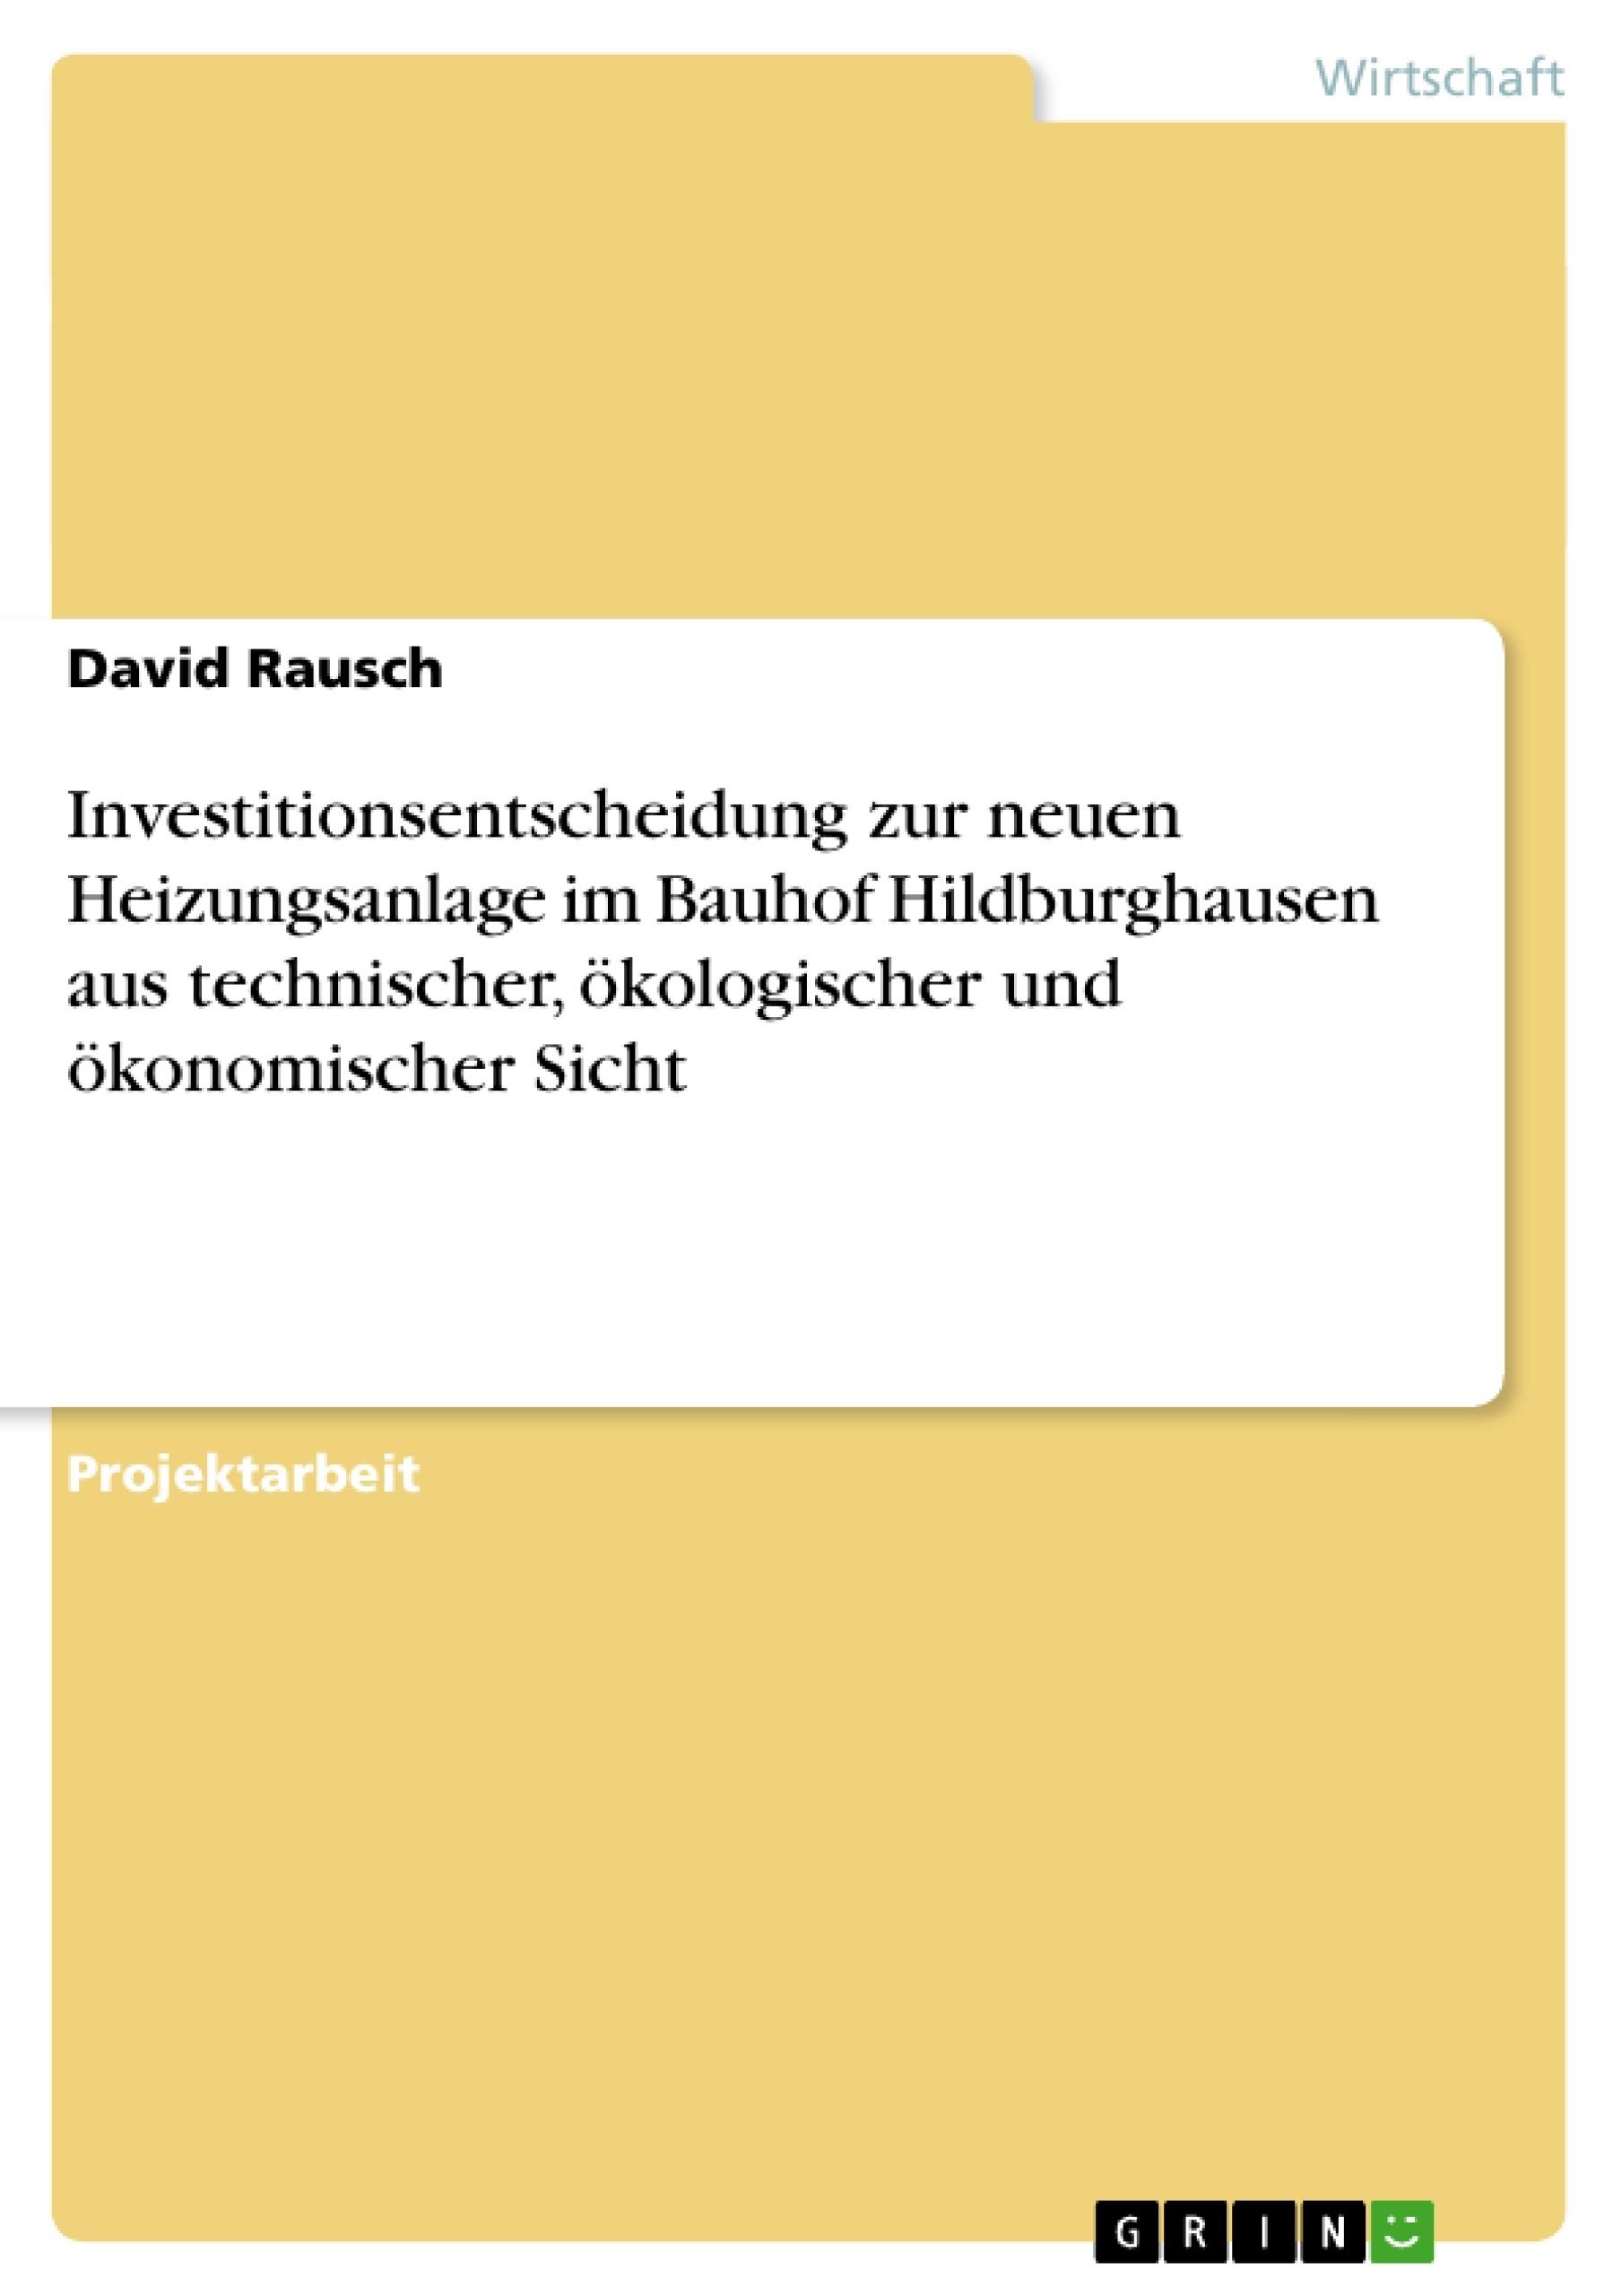 Titel: Investitionsentscheidung zur neuen Heizungsanlage im Bauhof Hildburghausen aus technischer, ökologischer und ökonomischer Sicht